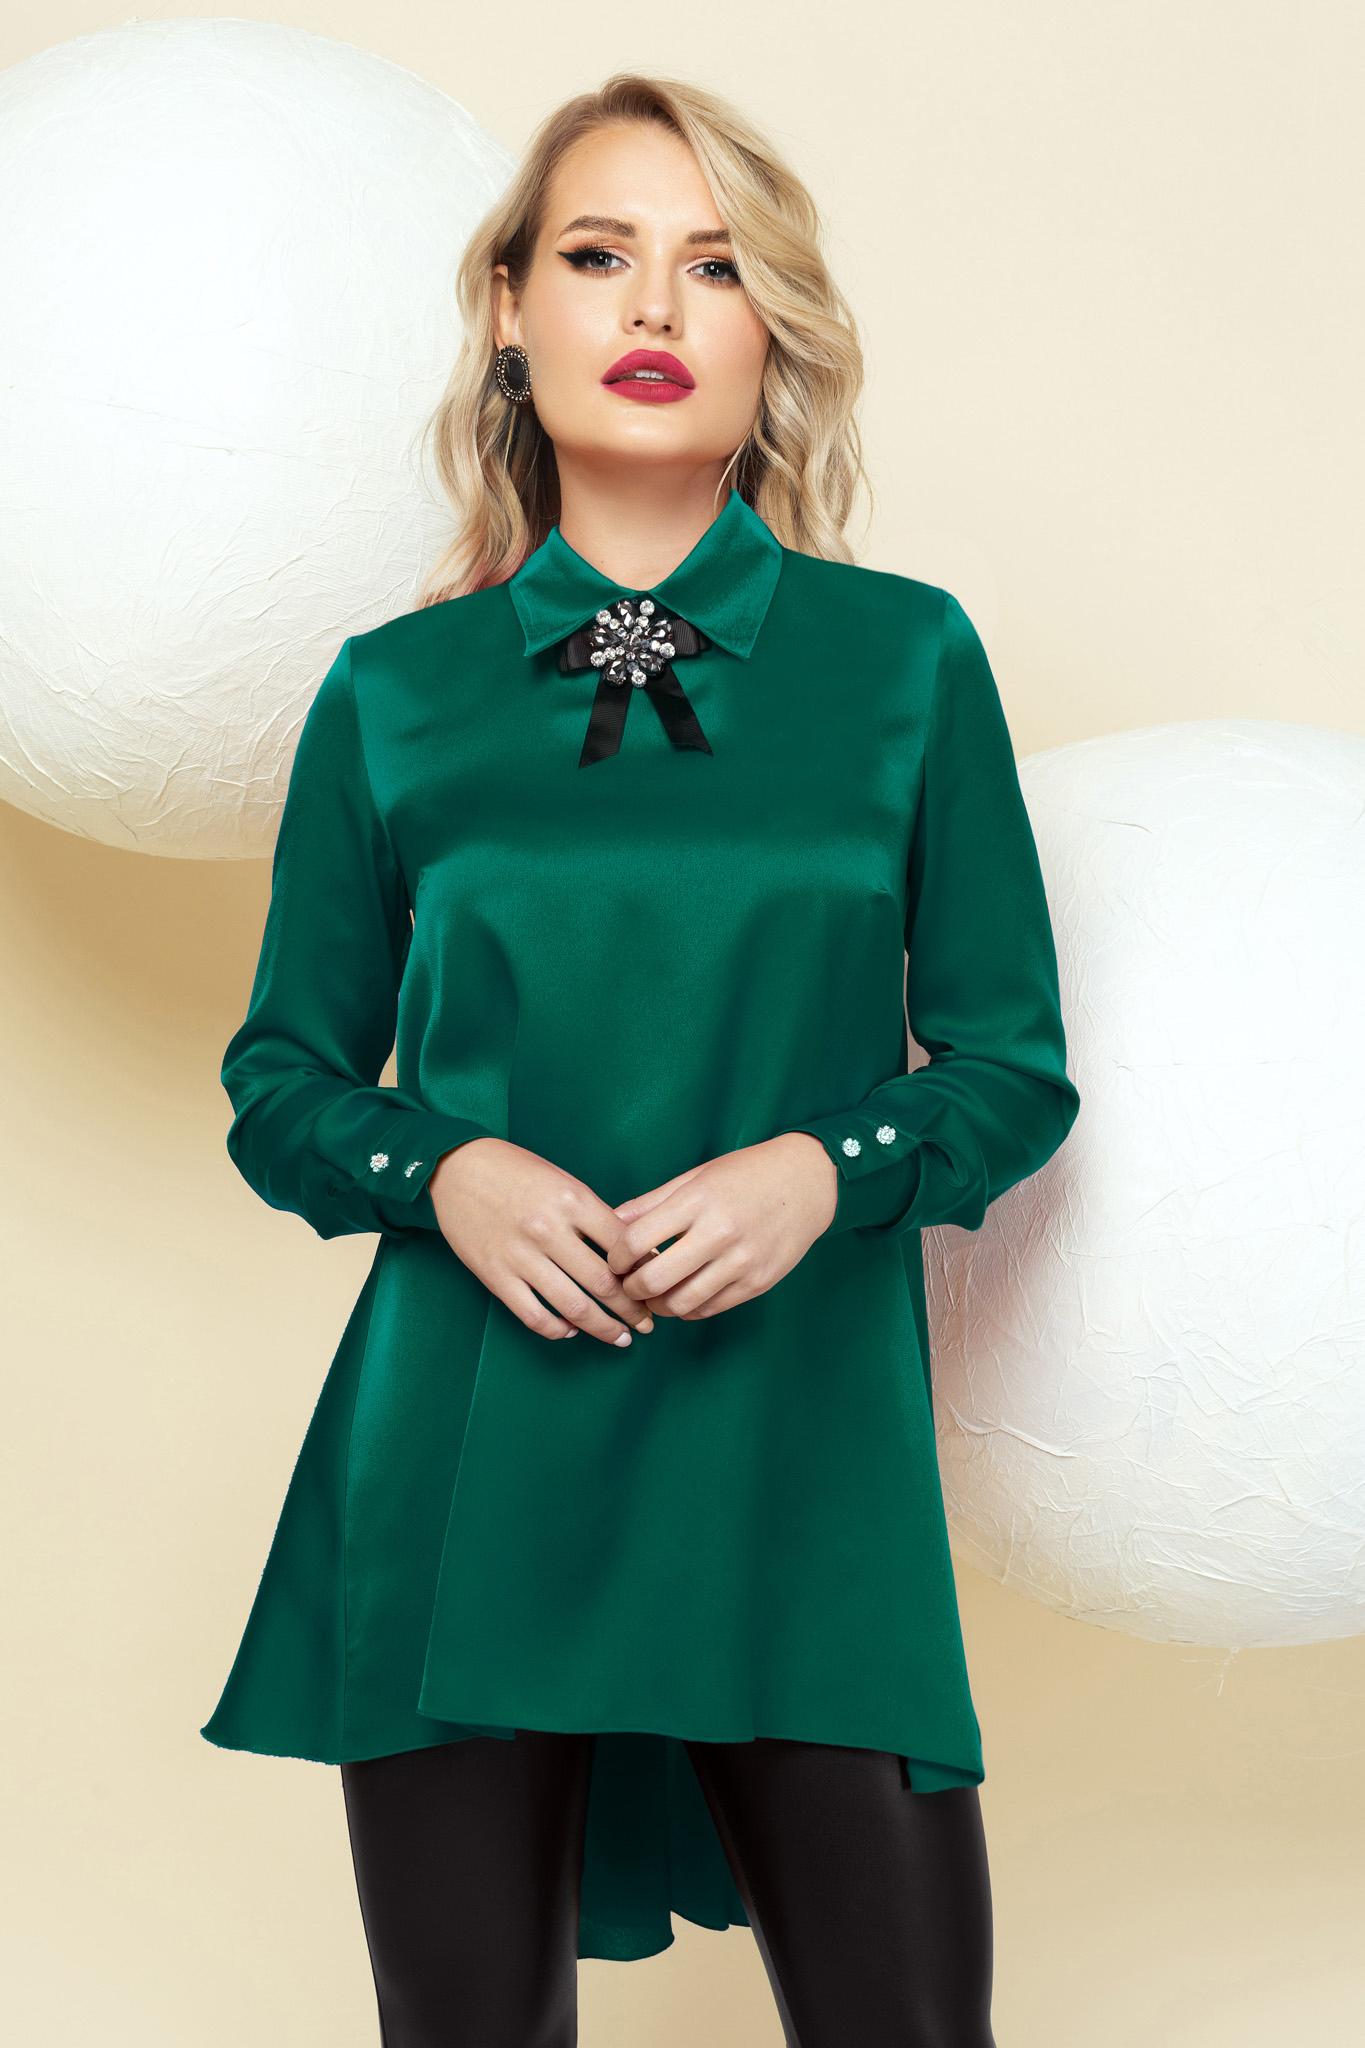 Bluza dama PrettyGirl verde din satin de ocazie asimetrica accesorizata cu brosa cu croi larg